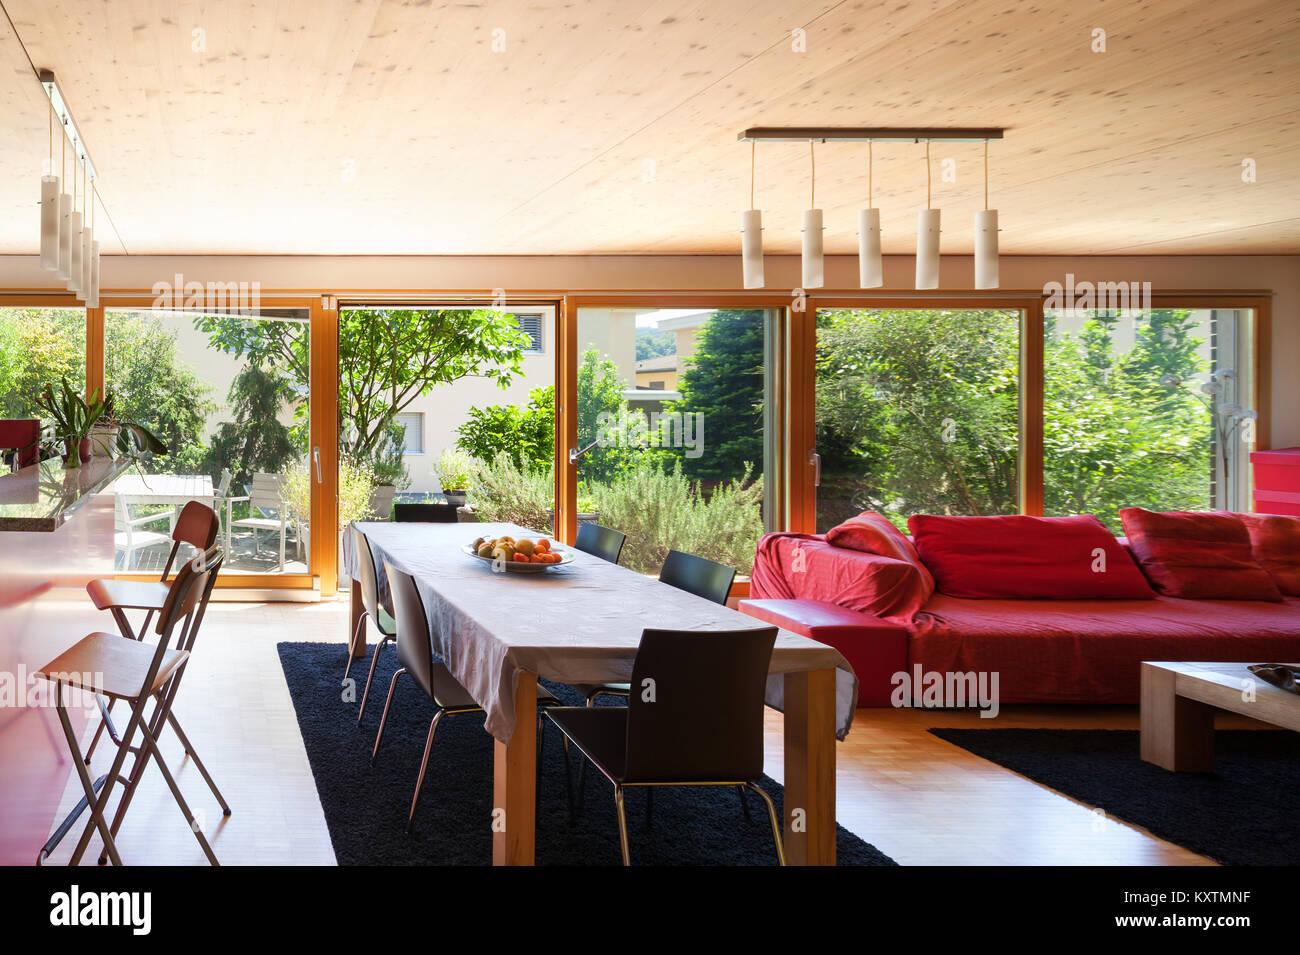 Wohnzimmer Esstisch Und Roten Divan Stockfoto Bild 171417499 Alamy